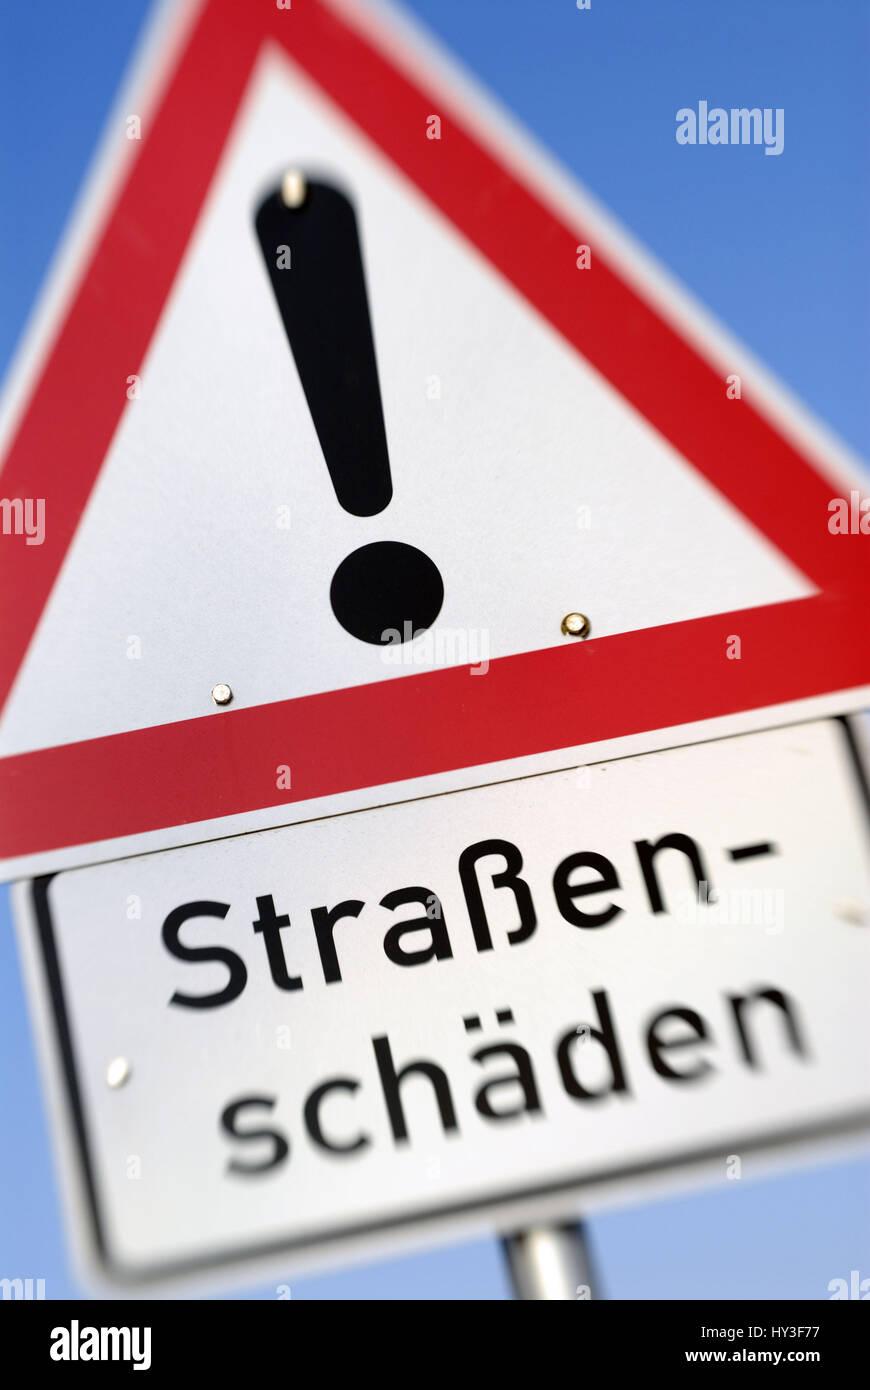 Warnung Straße Schäden, Warnschild Straßenschäden Stockfoto